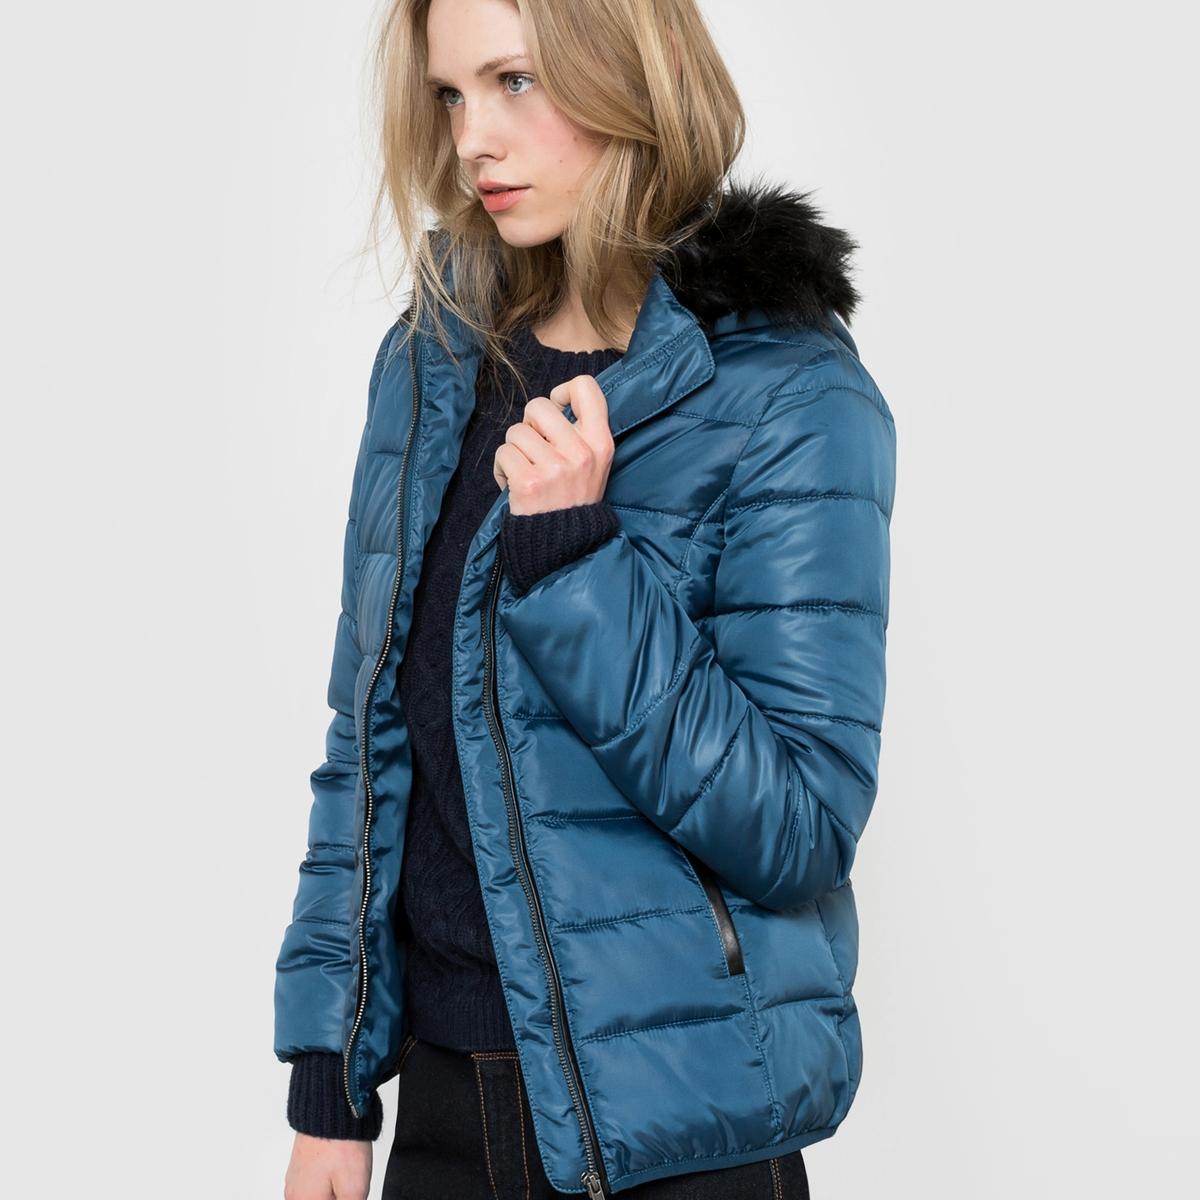 Куртка стеганая с капюшономСтеганая куртка. Капюшон оторочен искусственным мехом. Застежка на молнию. 2 кармана. Эластичный низ рукавов . Длина 65 см.  Состав и описаниеМатериал 100% полиэстера, наполнитель 100% полиэстера Подкладка        100% полиэстераМарка R ?ditionУходМашинная стирка при 30 °CМашинная сушка запрещенаНе гладить<br><br>Цвет: оливковый<br>Размер: 36 (FR) - 42 (RUS)